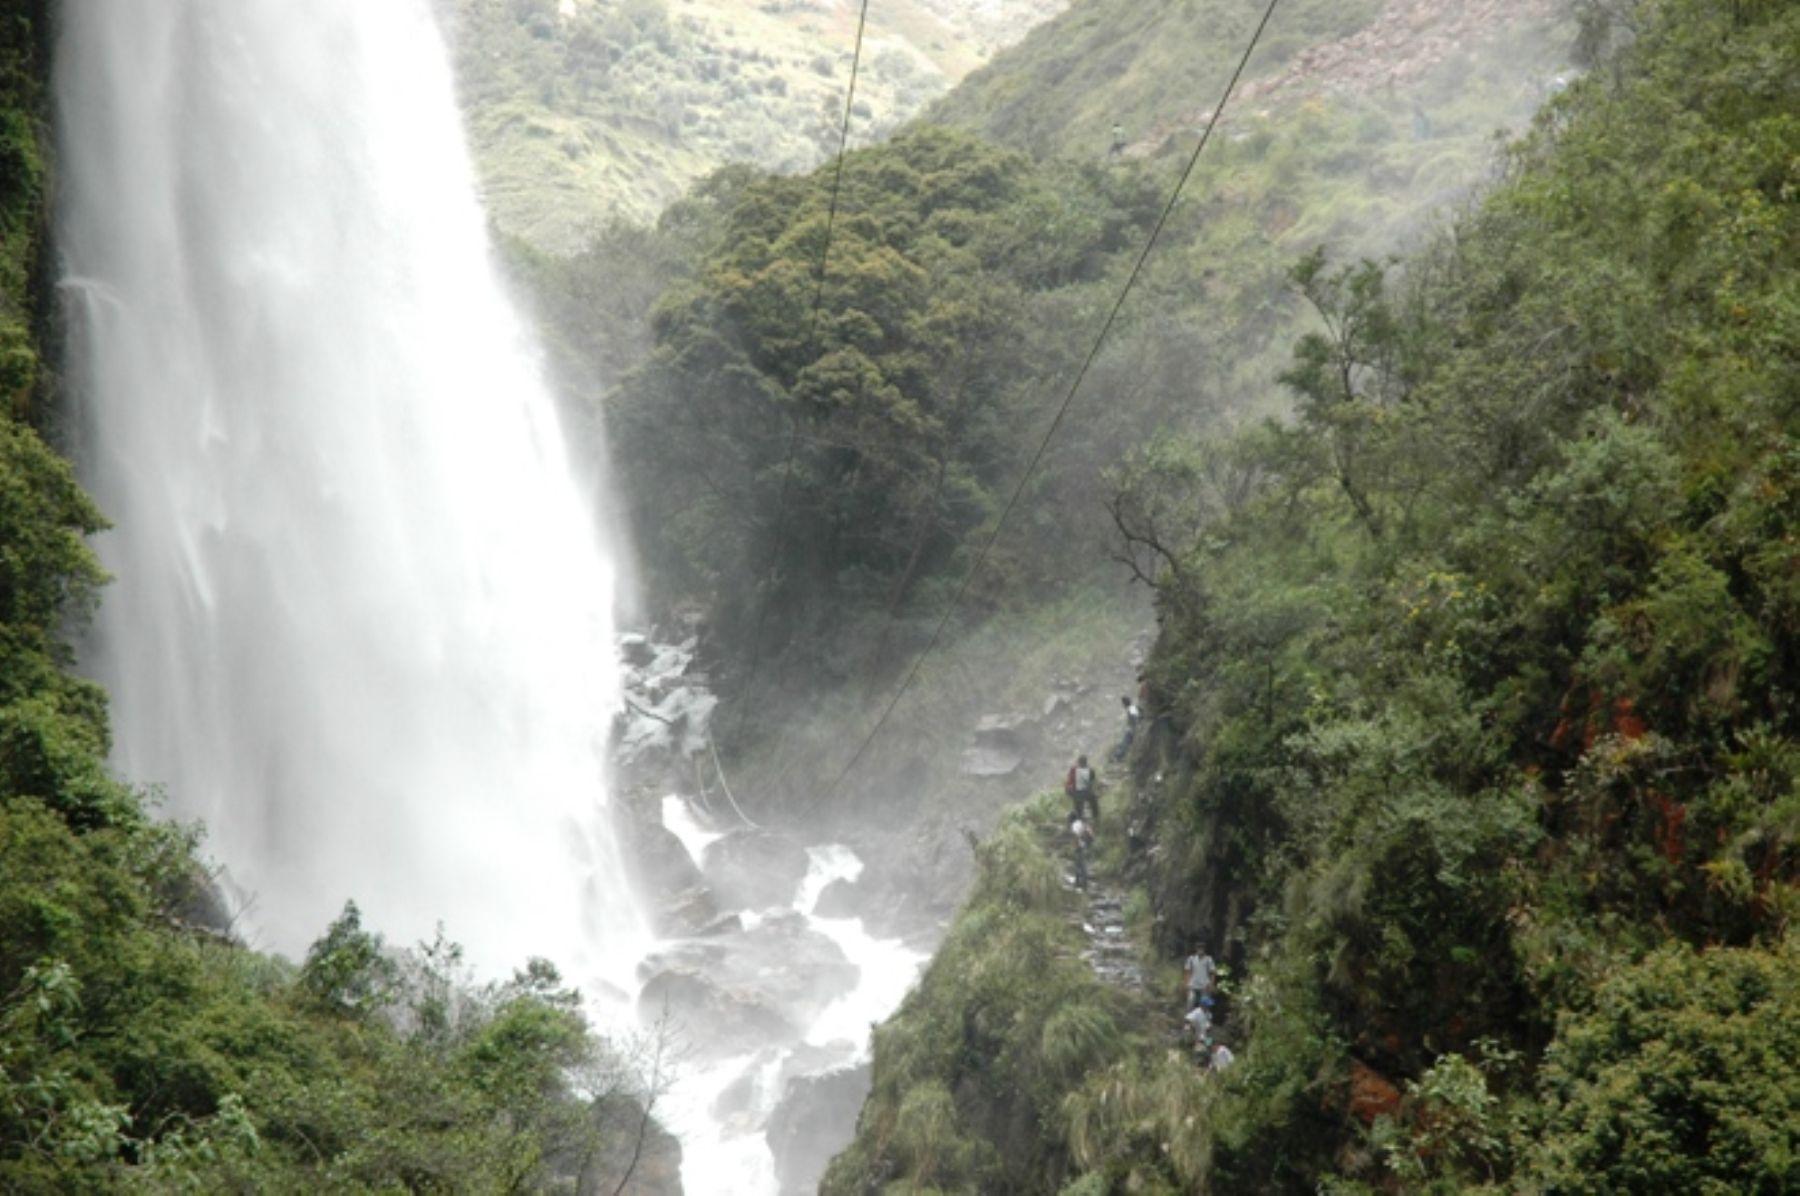 Promoverán cataratas de Chorro Blanco y El Corazón como destinos turísticos http://www.rural64.com/st/turismorural/Promoveran-cataratas-de-Chorro-Blanco-y-El-Corazon-como-destinos-turis-3729